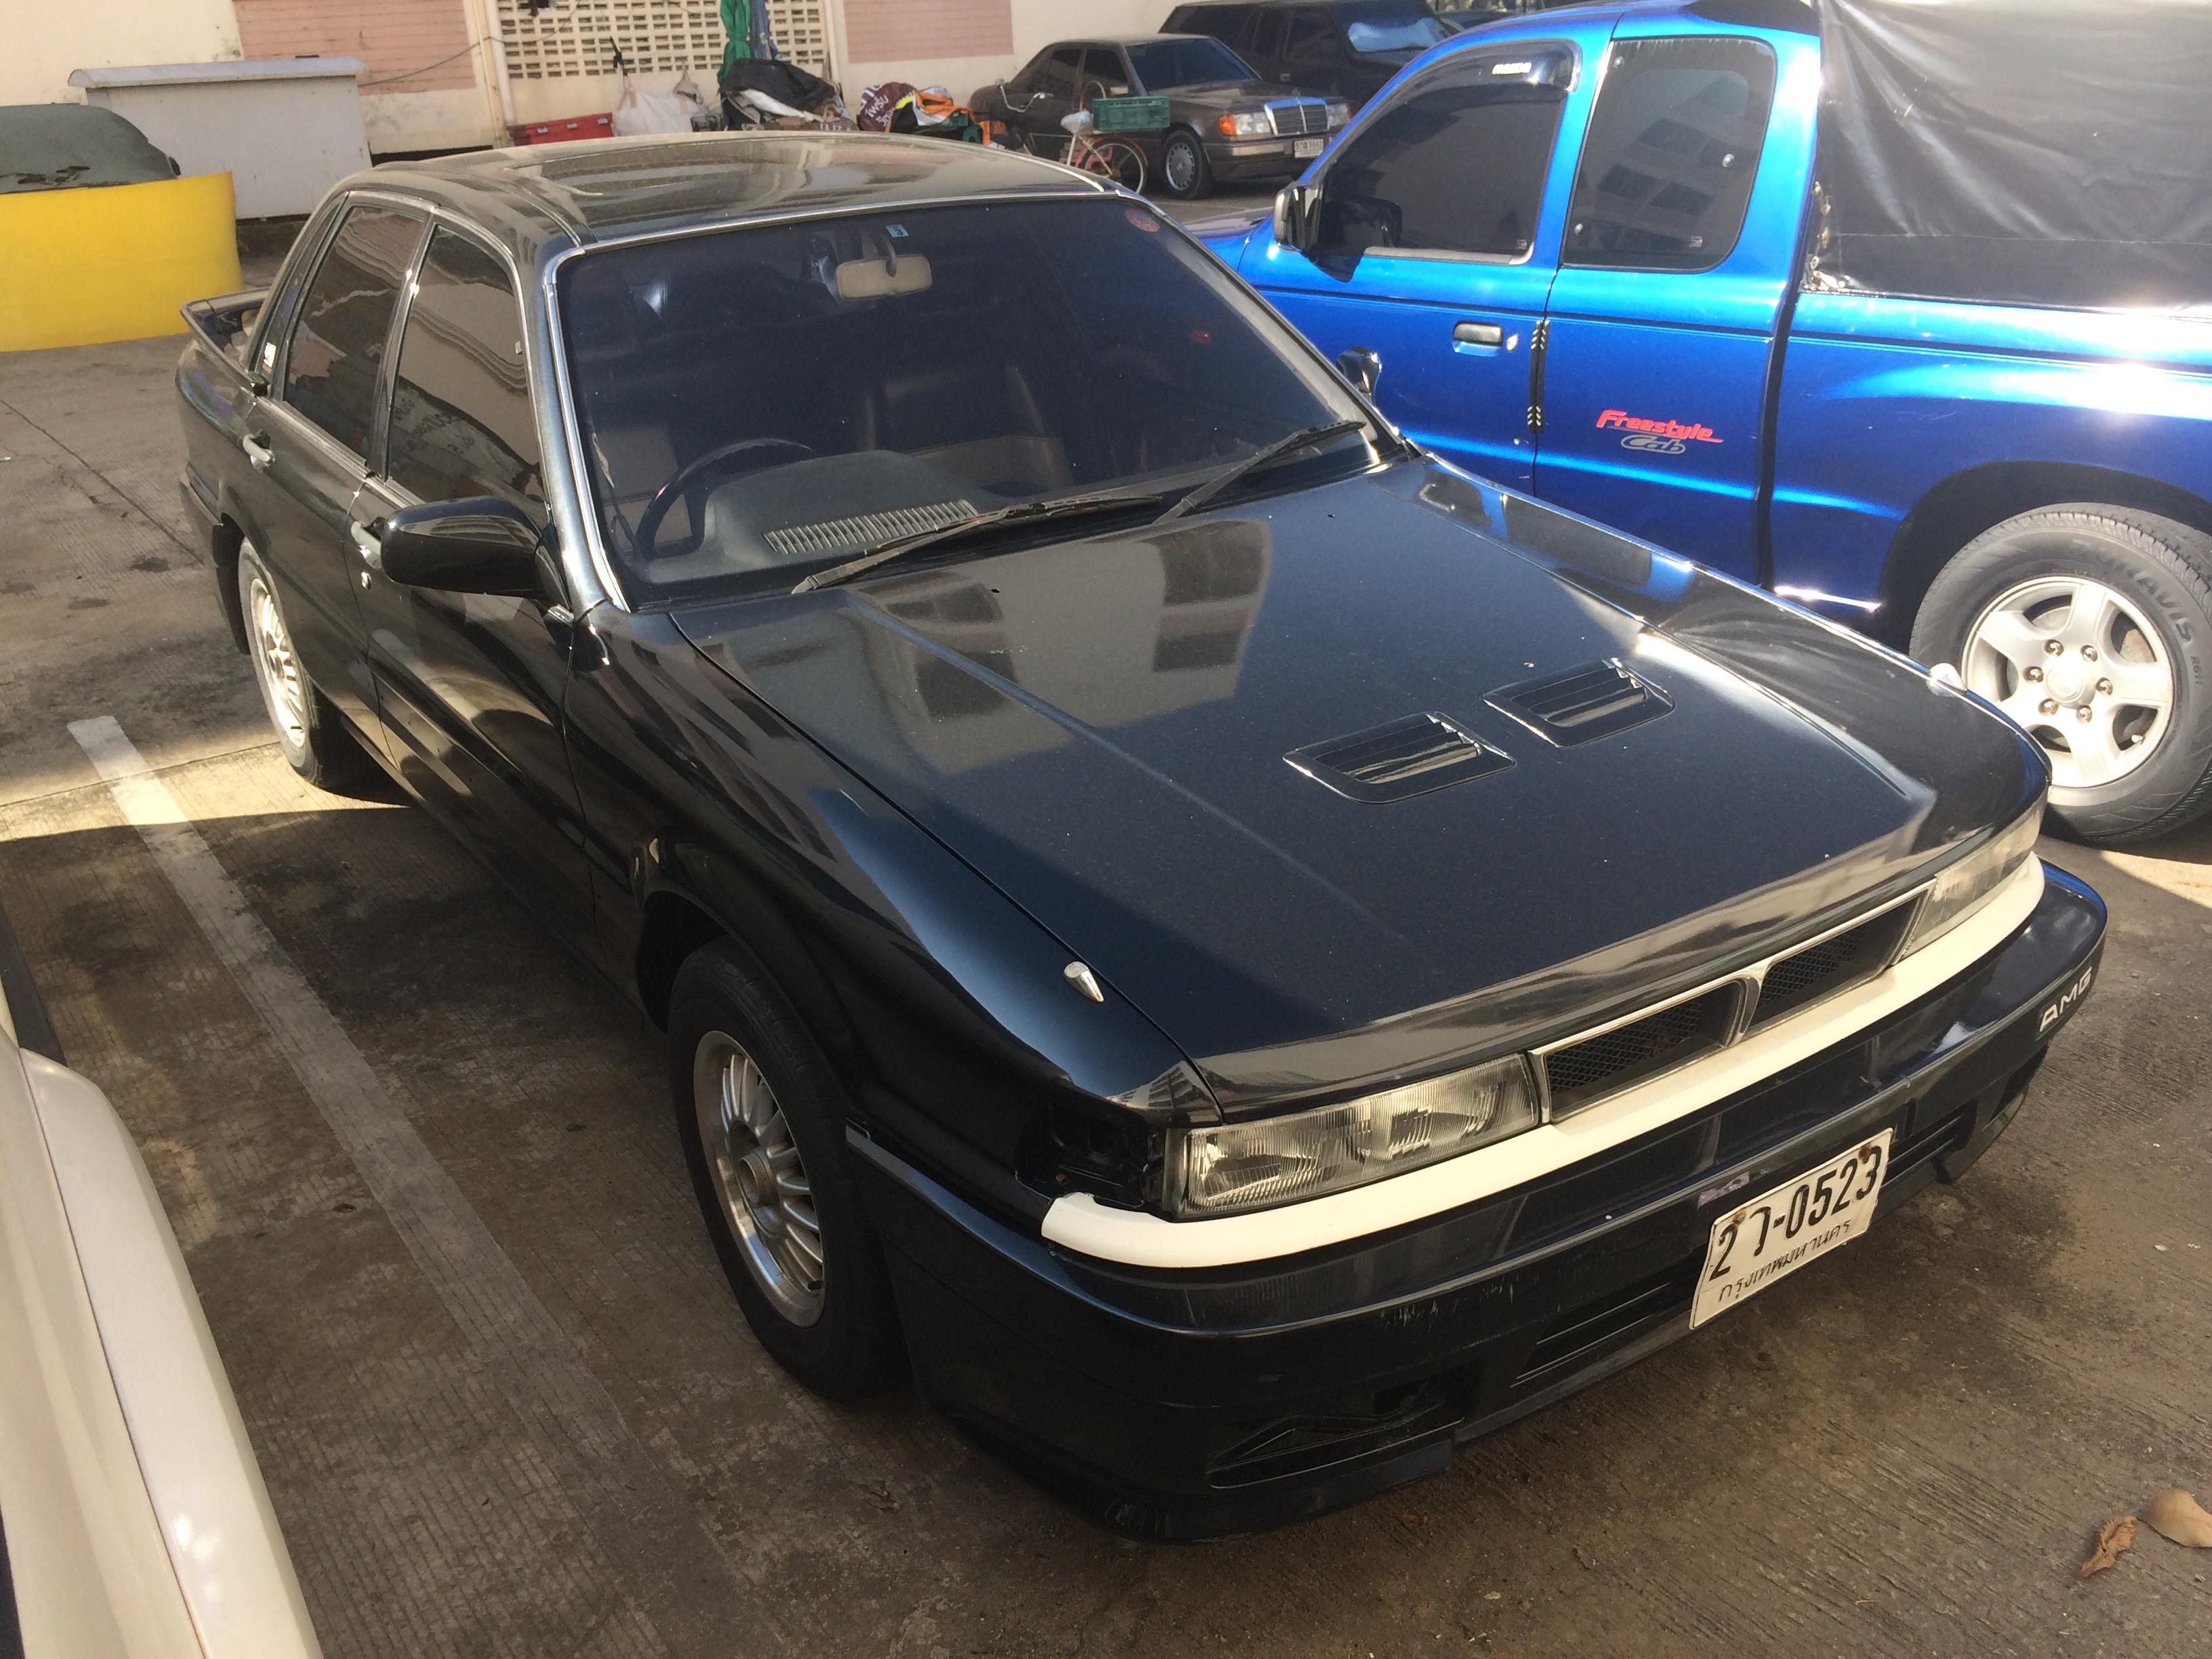 file:1989 mitsubishi galant (e-e33a) amg sedan (21-10-2017) 02